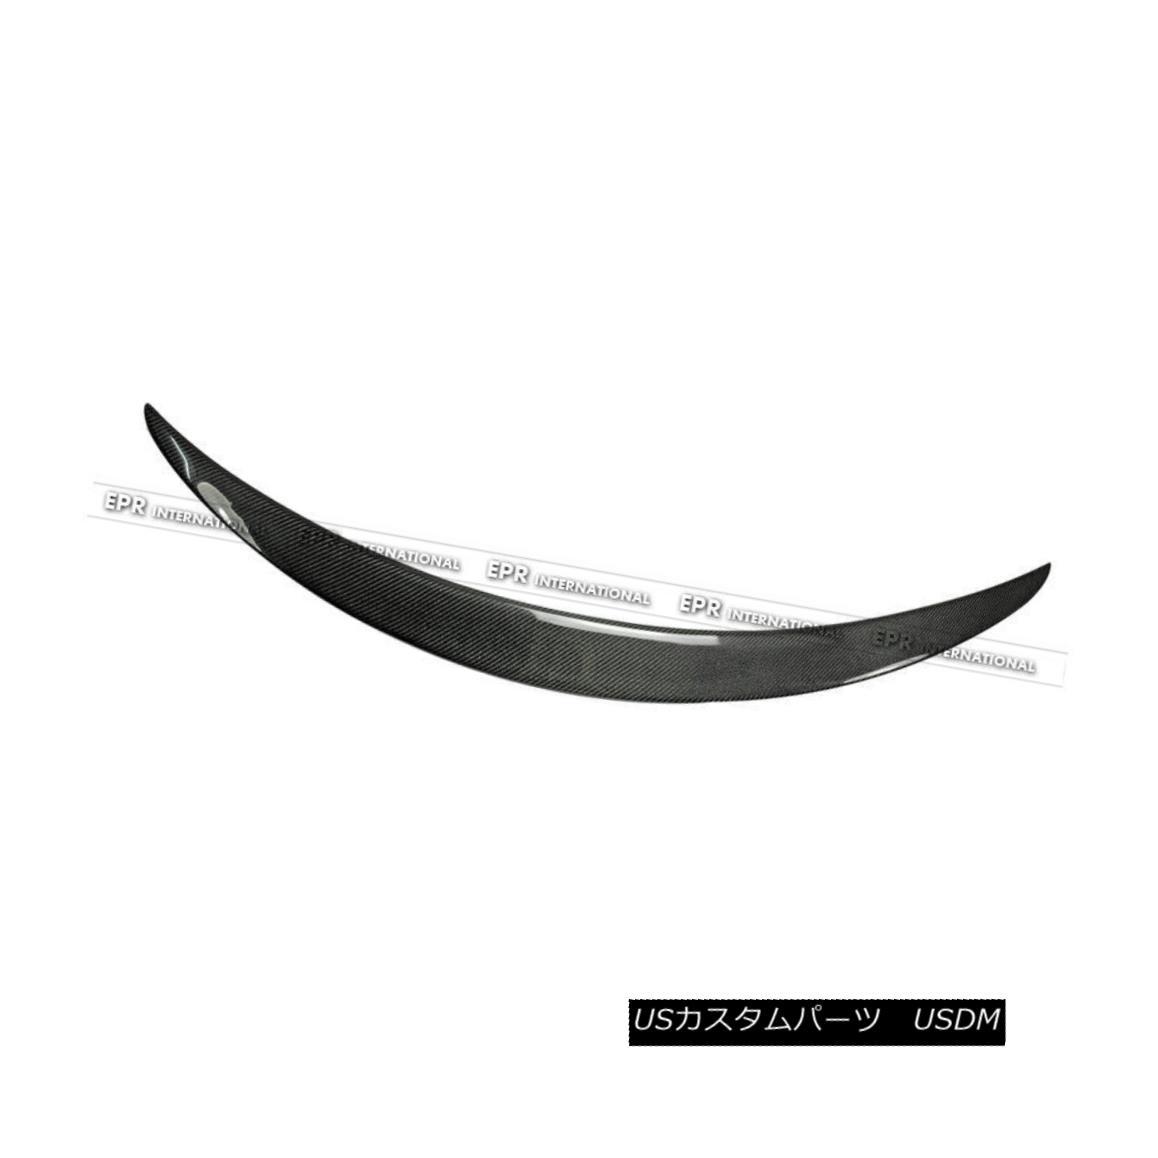 エアロパーツ Rear Trunk Spoiler Wing For W205 C Class C200 C250 Coupe A Style Carbon Fiber W205 CクラスC200 C250クーペAスタイルカーボンファイバー用リアトランク・スポイラー・ウイング